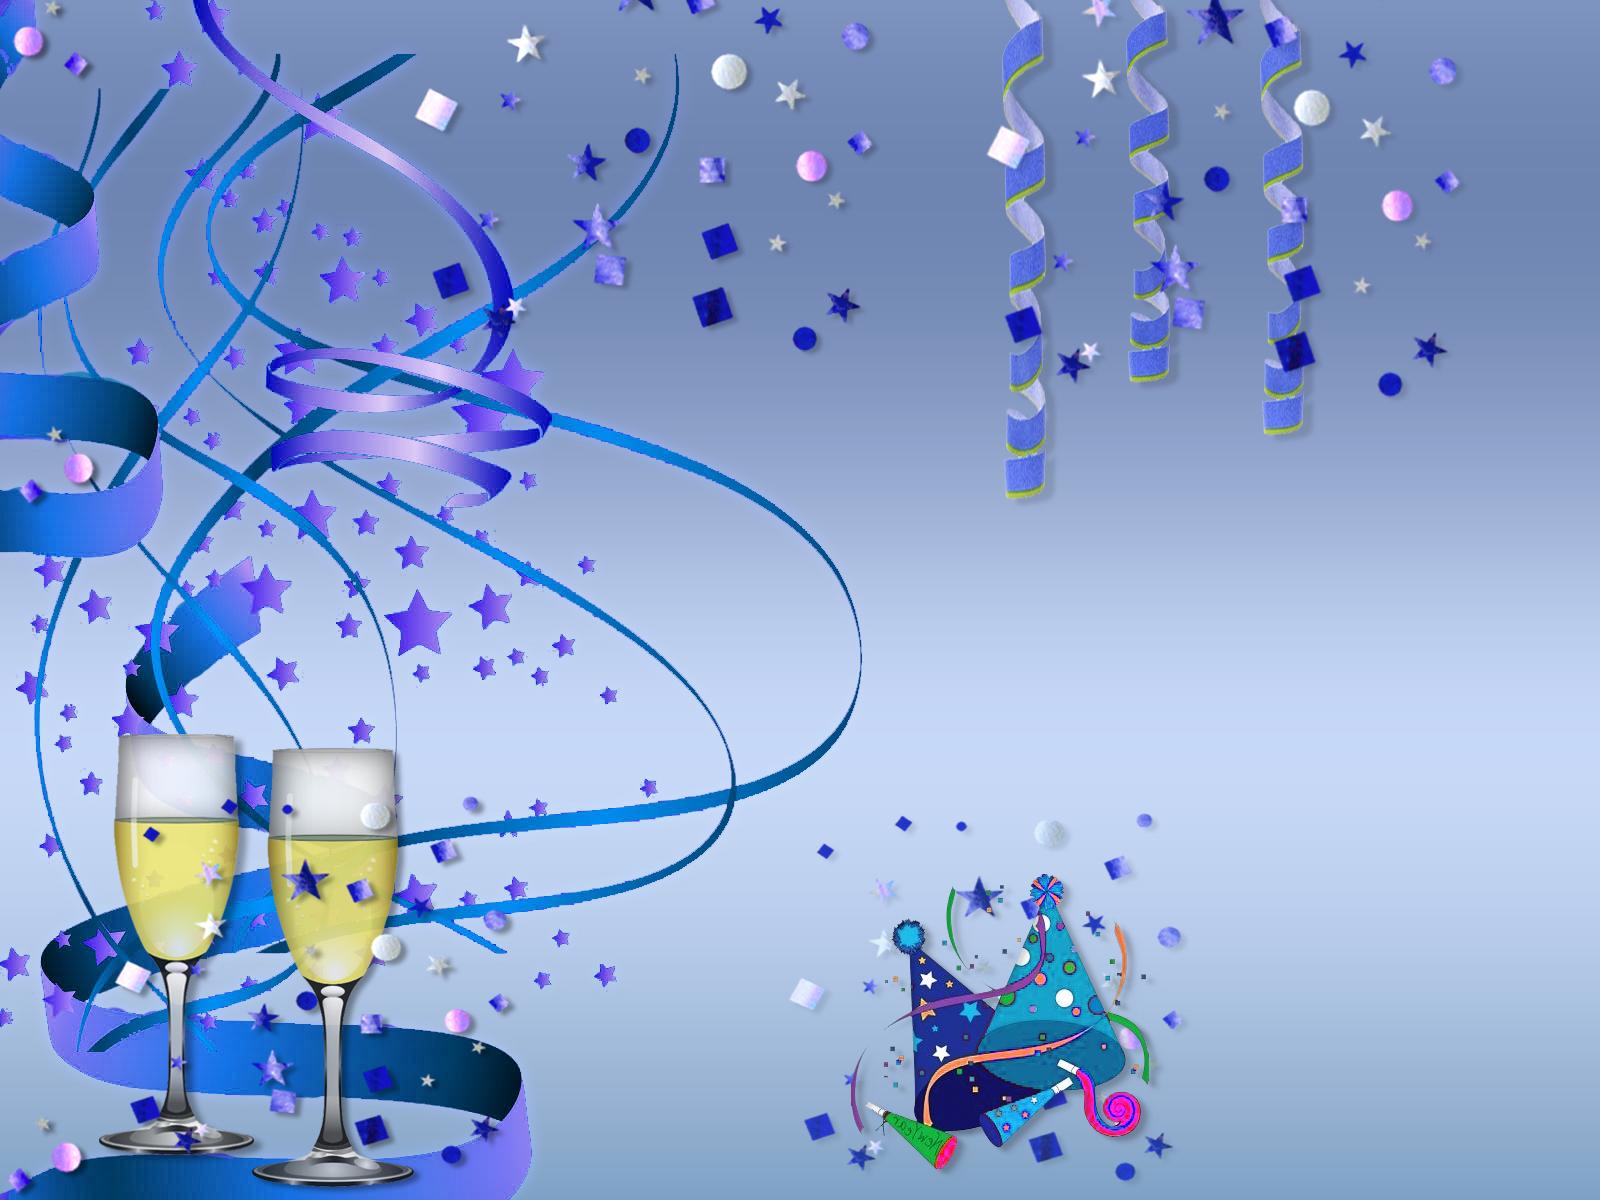 http://4.bp.blogspot.com/-yLTTQc9jksI/Tse2WwsrBRI/AAAAAAAATLM/QmBMmt_a4LQ/s1600/Mooie-happy-new-year-achtergronden-gelukkig-nieuwjaar-wallpapers-afbeelding-18.jpg